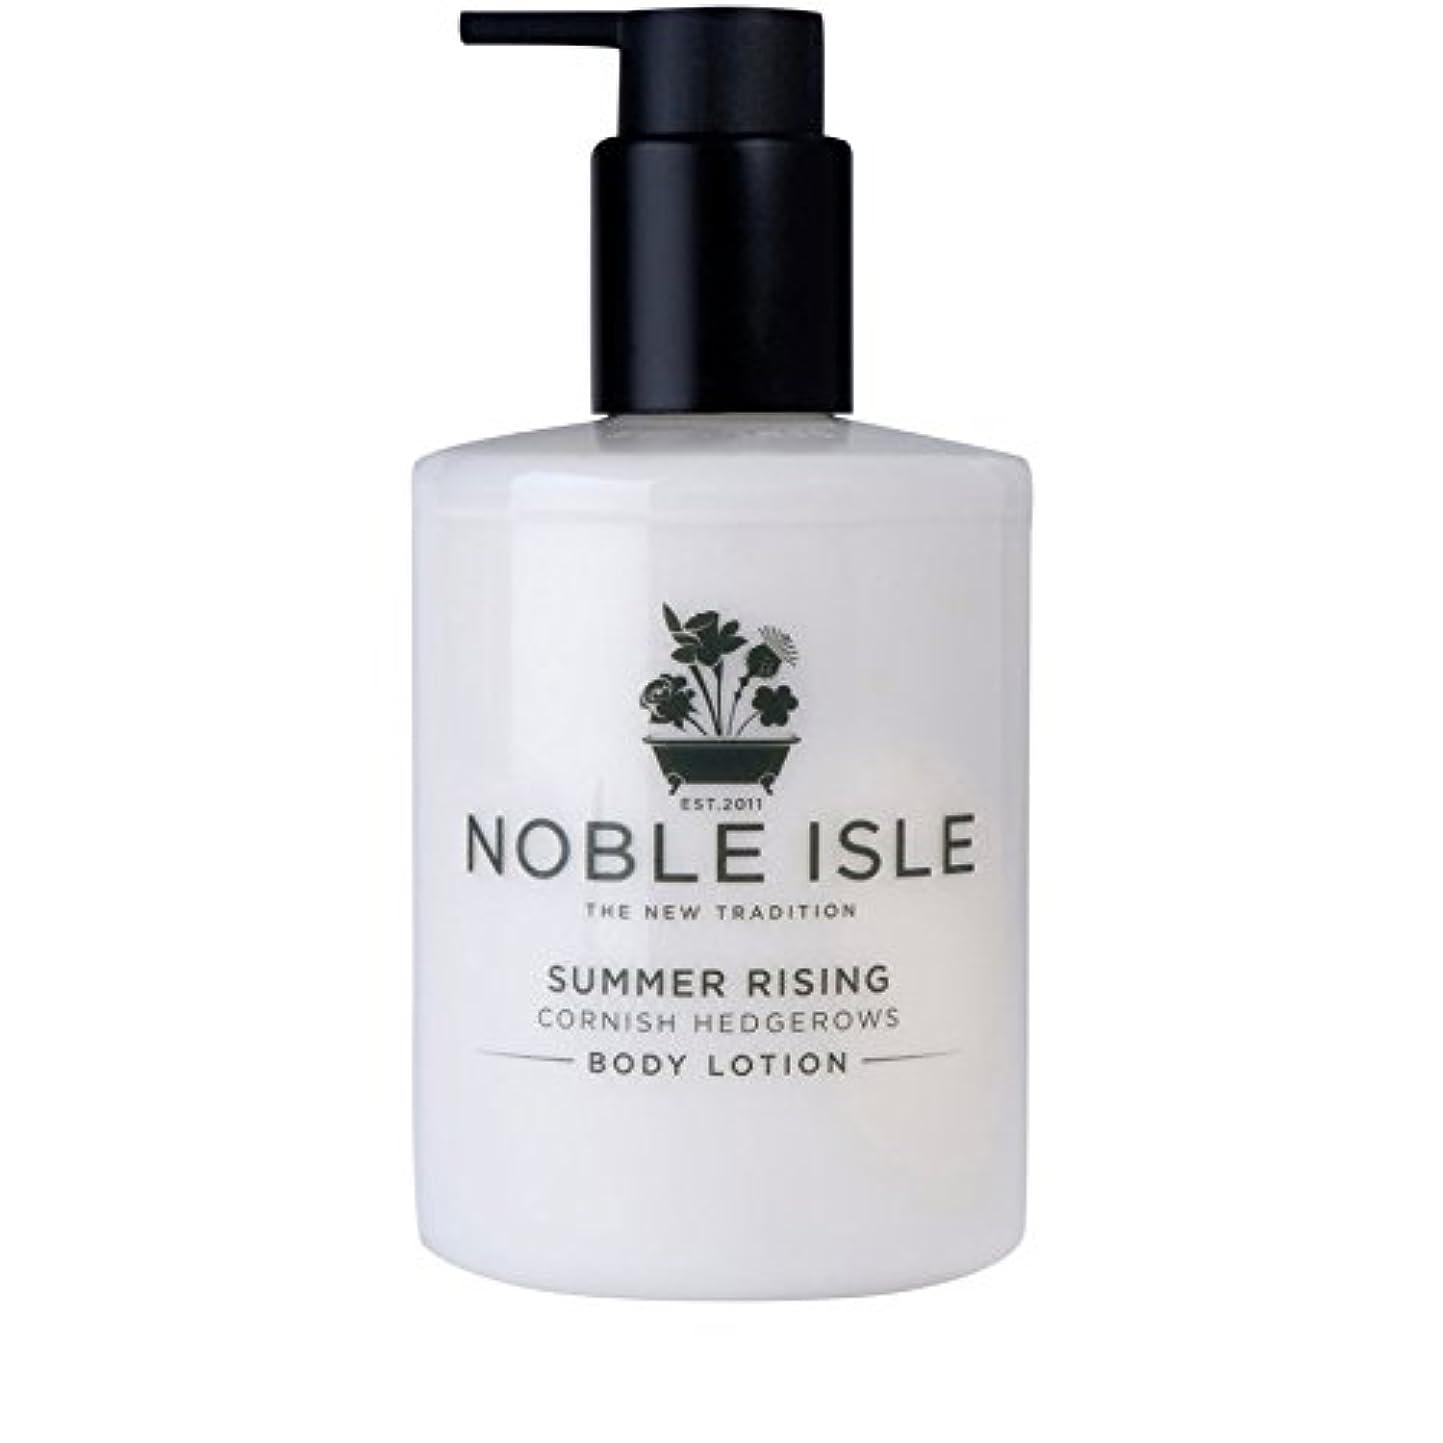 未使用ニュージーランド証明するNoble Isle Summer Rising Cornish Hedgerows Body Lotion 250ml (Pack of 6) - コーニッシュ生け垣ボディローション250ミリリットルを上昇高貴な島の夏...